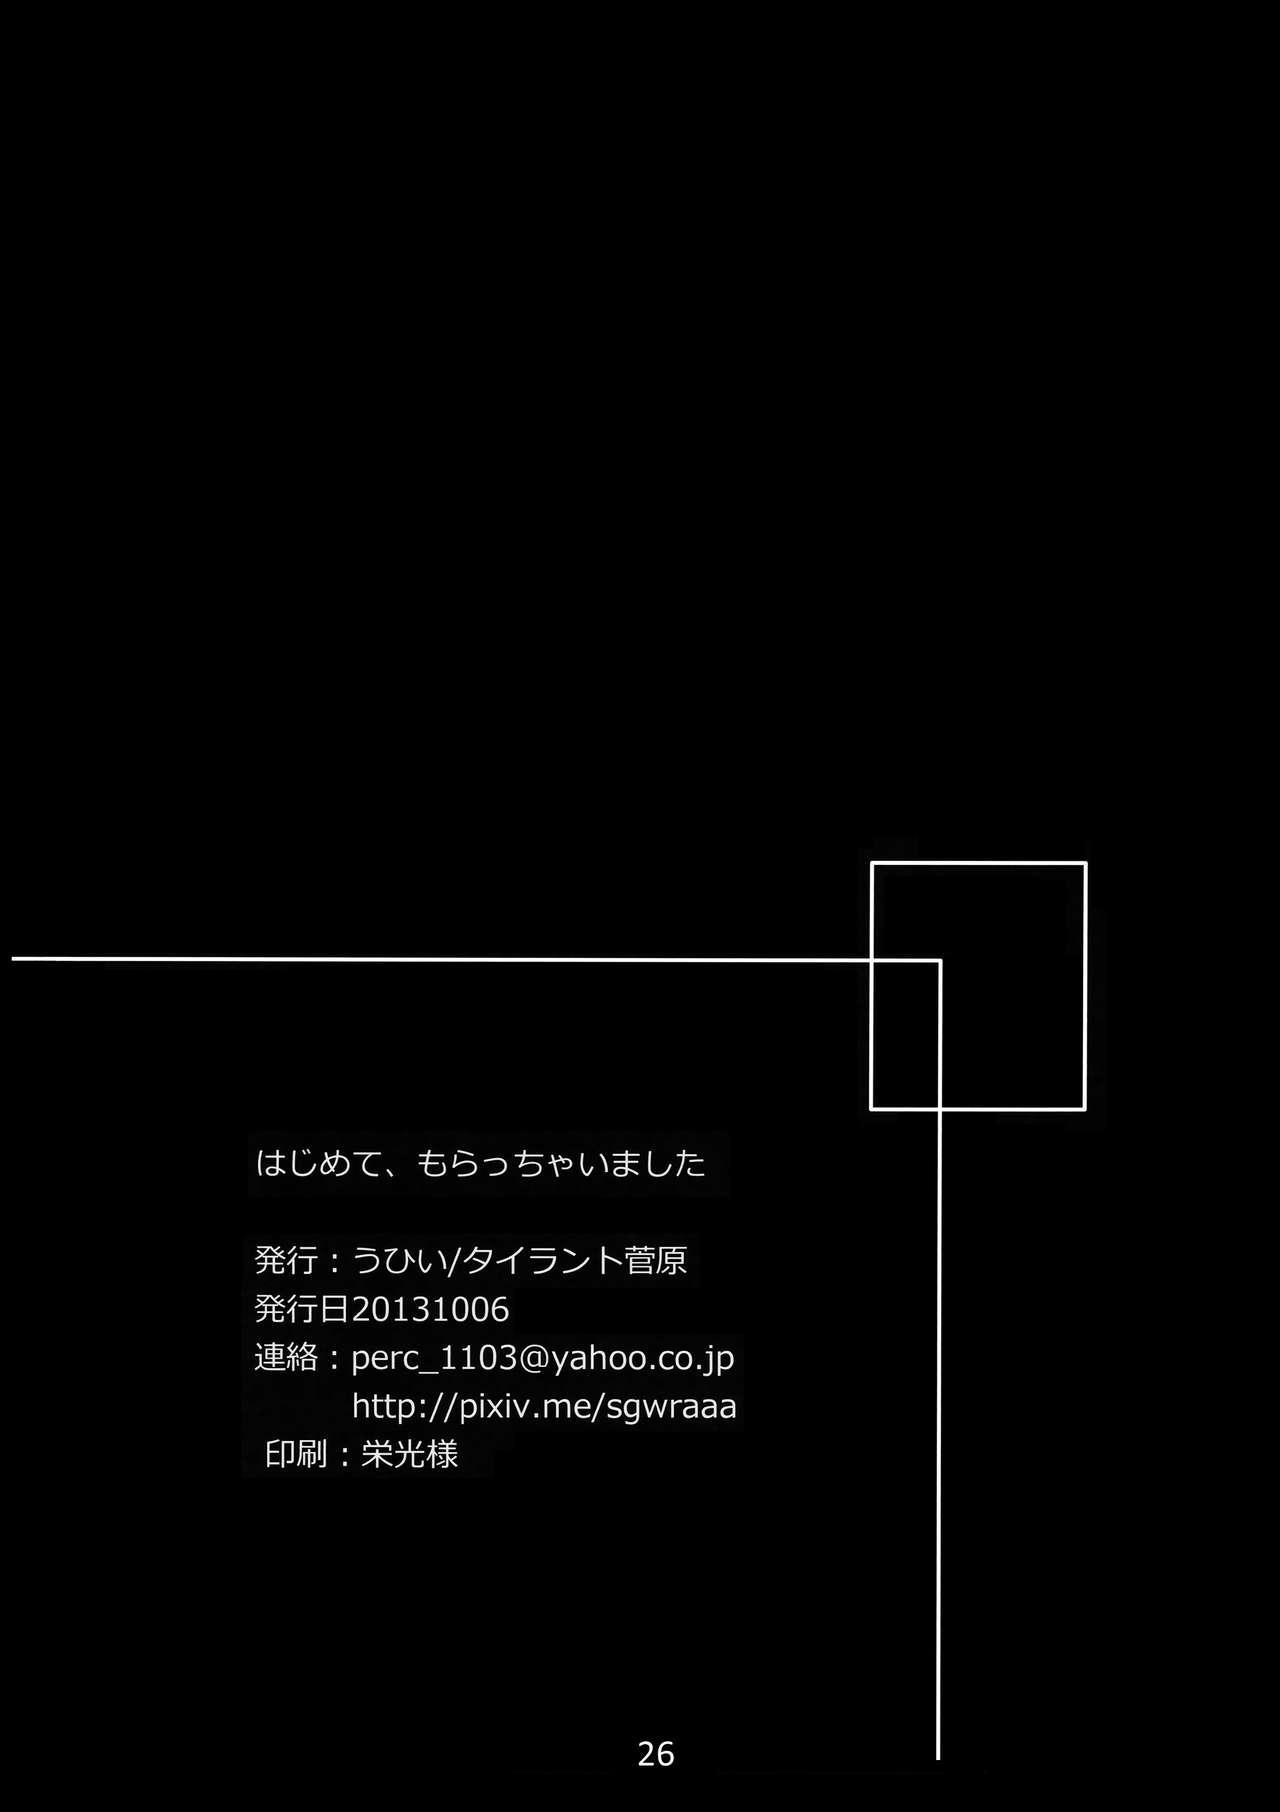 Hajimete, Moracchaimashita 24